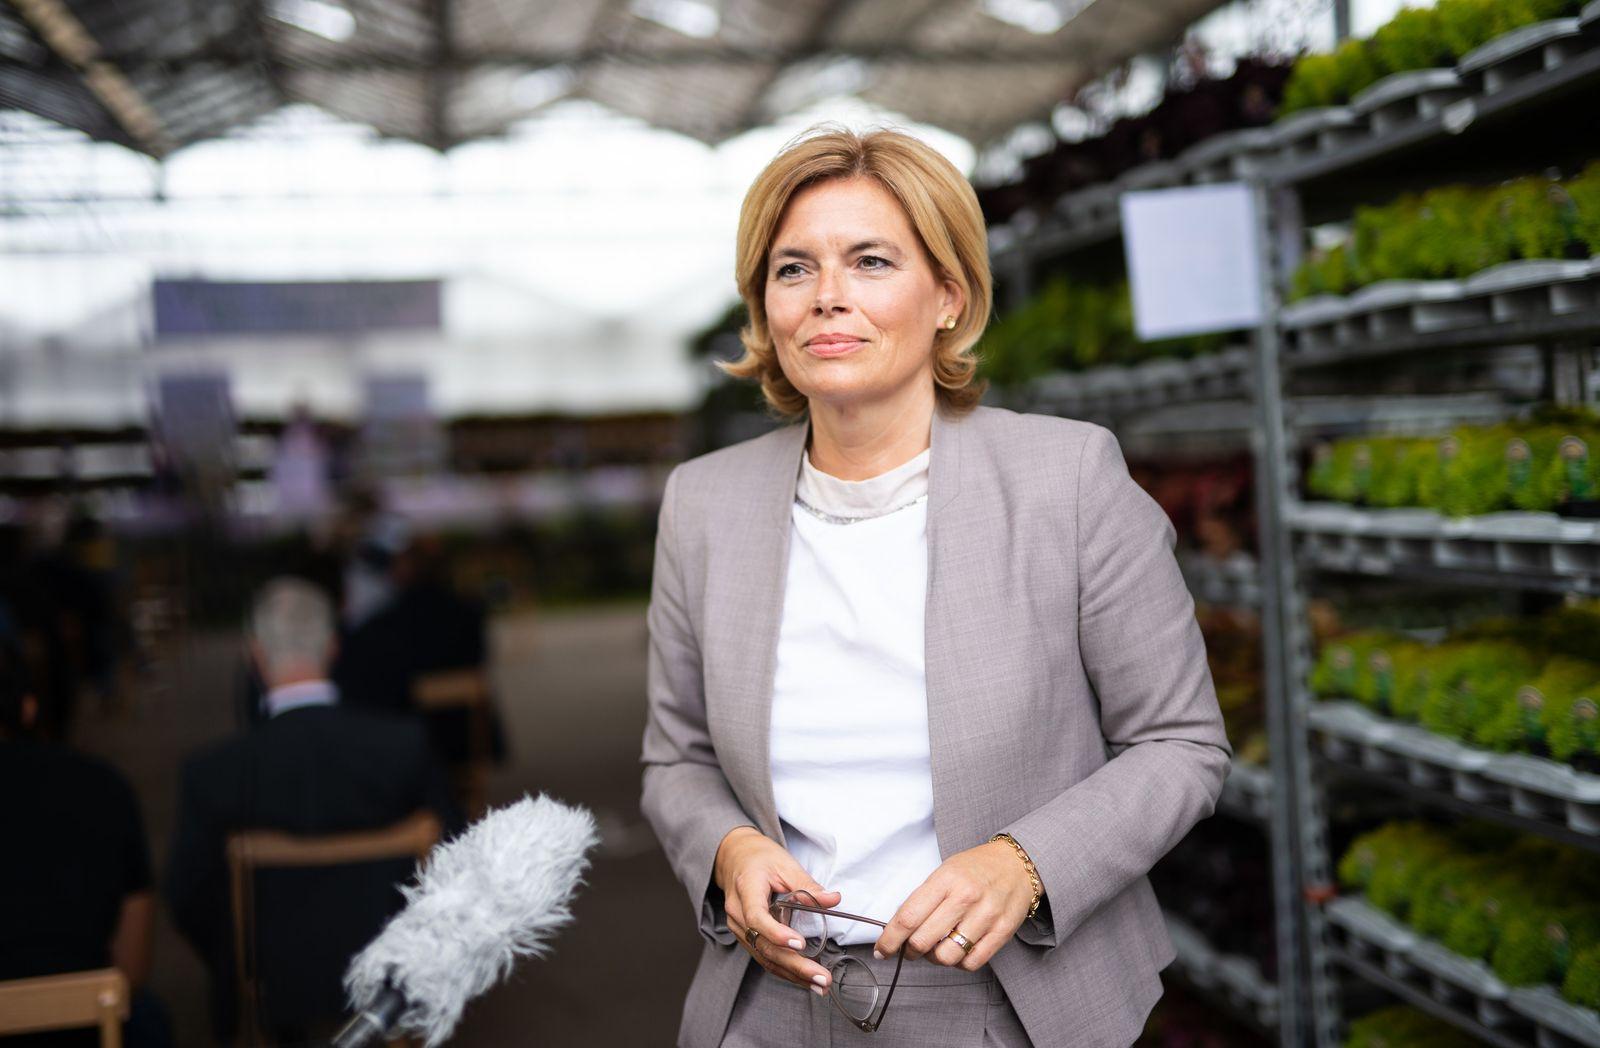 Bundesministerin Klöckner besucht Gartenbaubetrieb